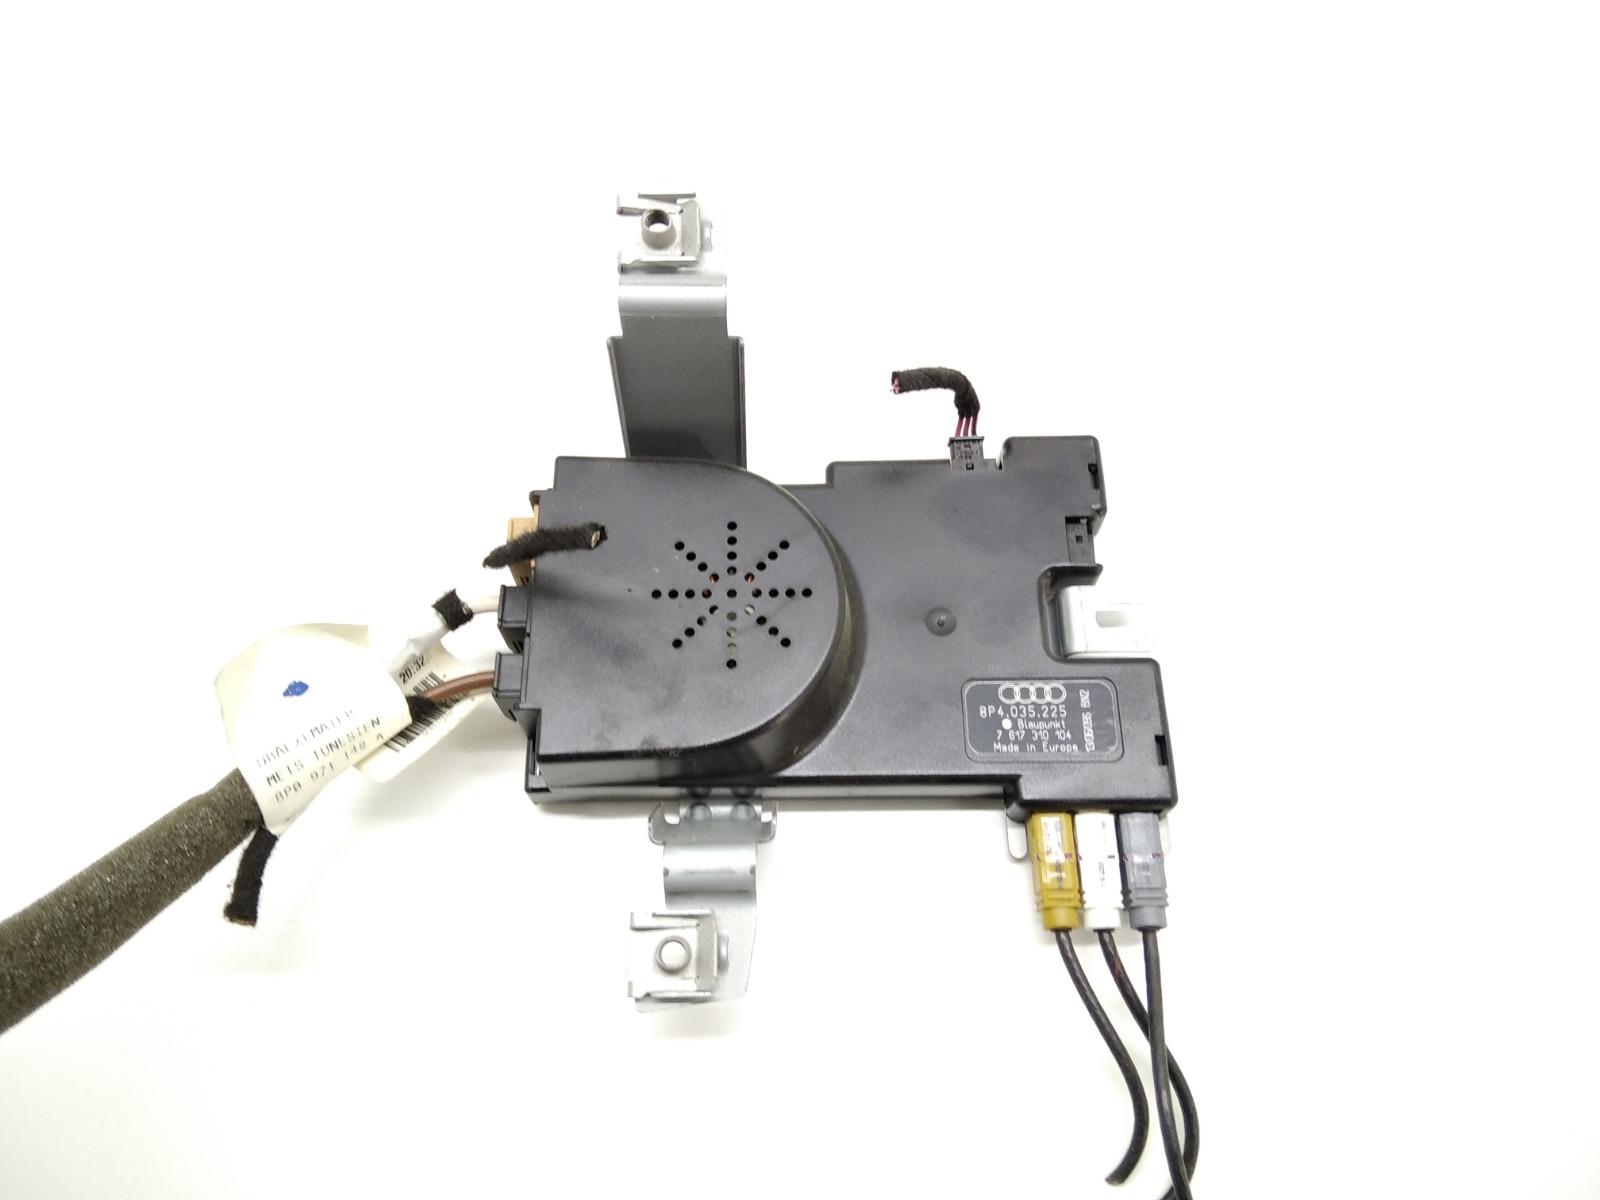 Усилитель антенны Audi A3 8P 1.6 I 2006 (б/у)